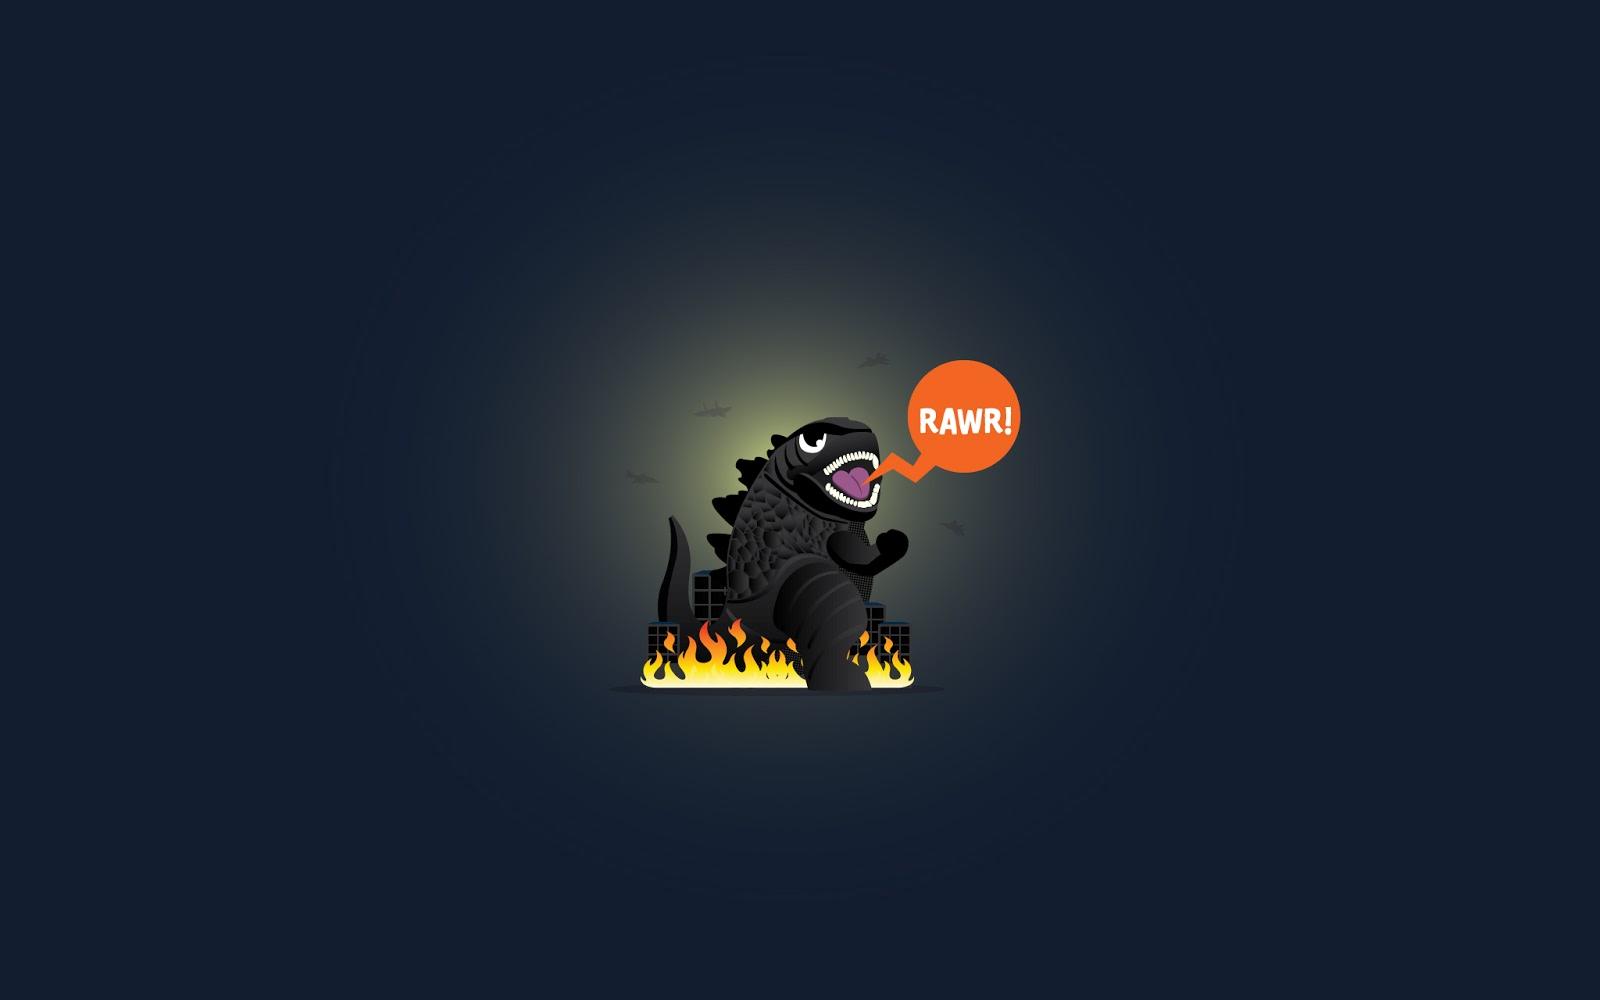 [Wallpaper] Hello! I'm Godzilla rawr!